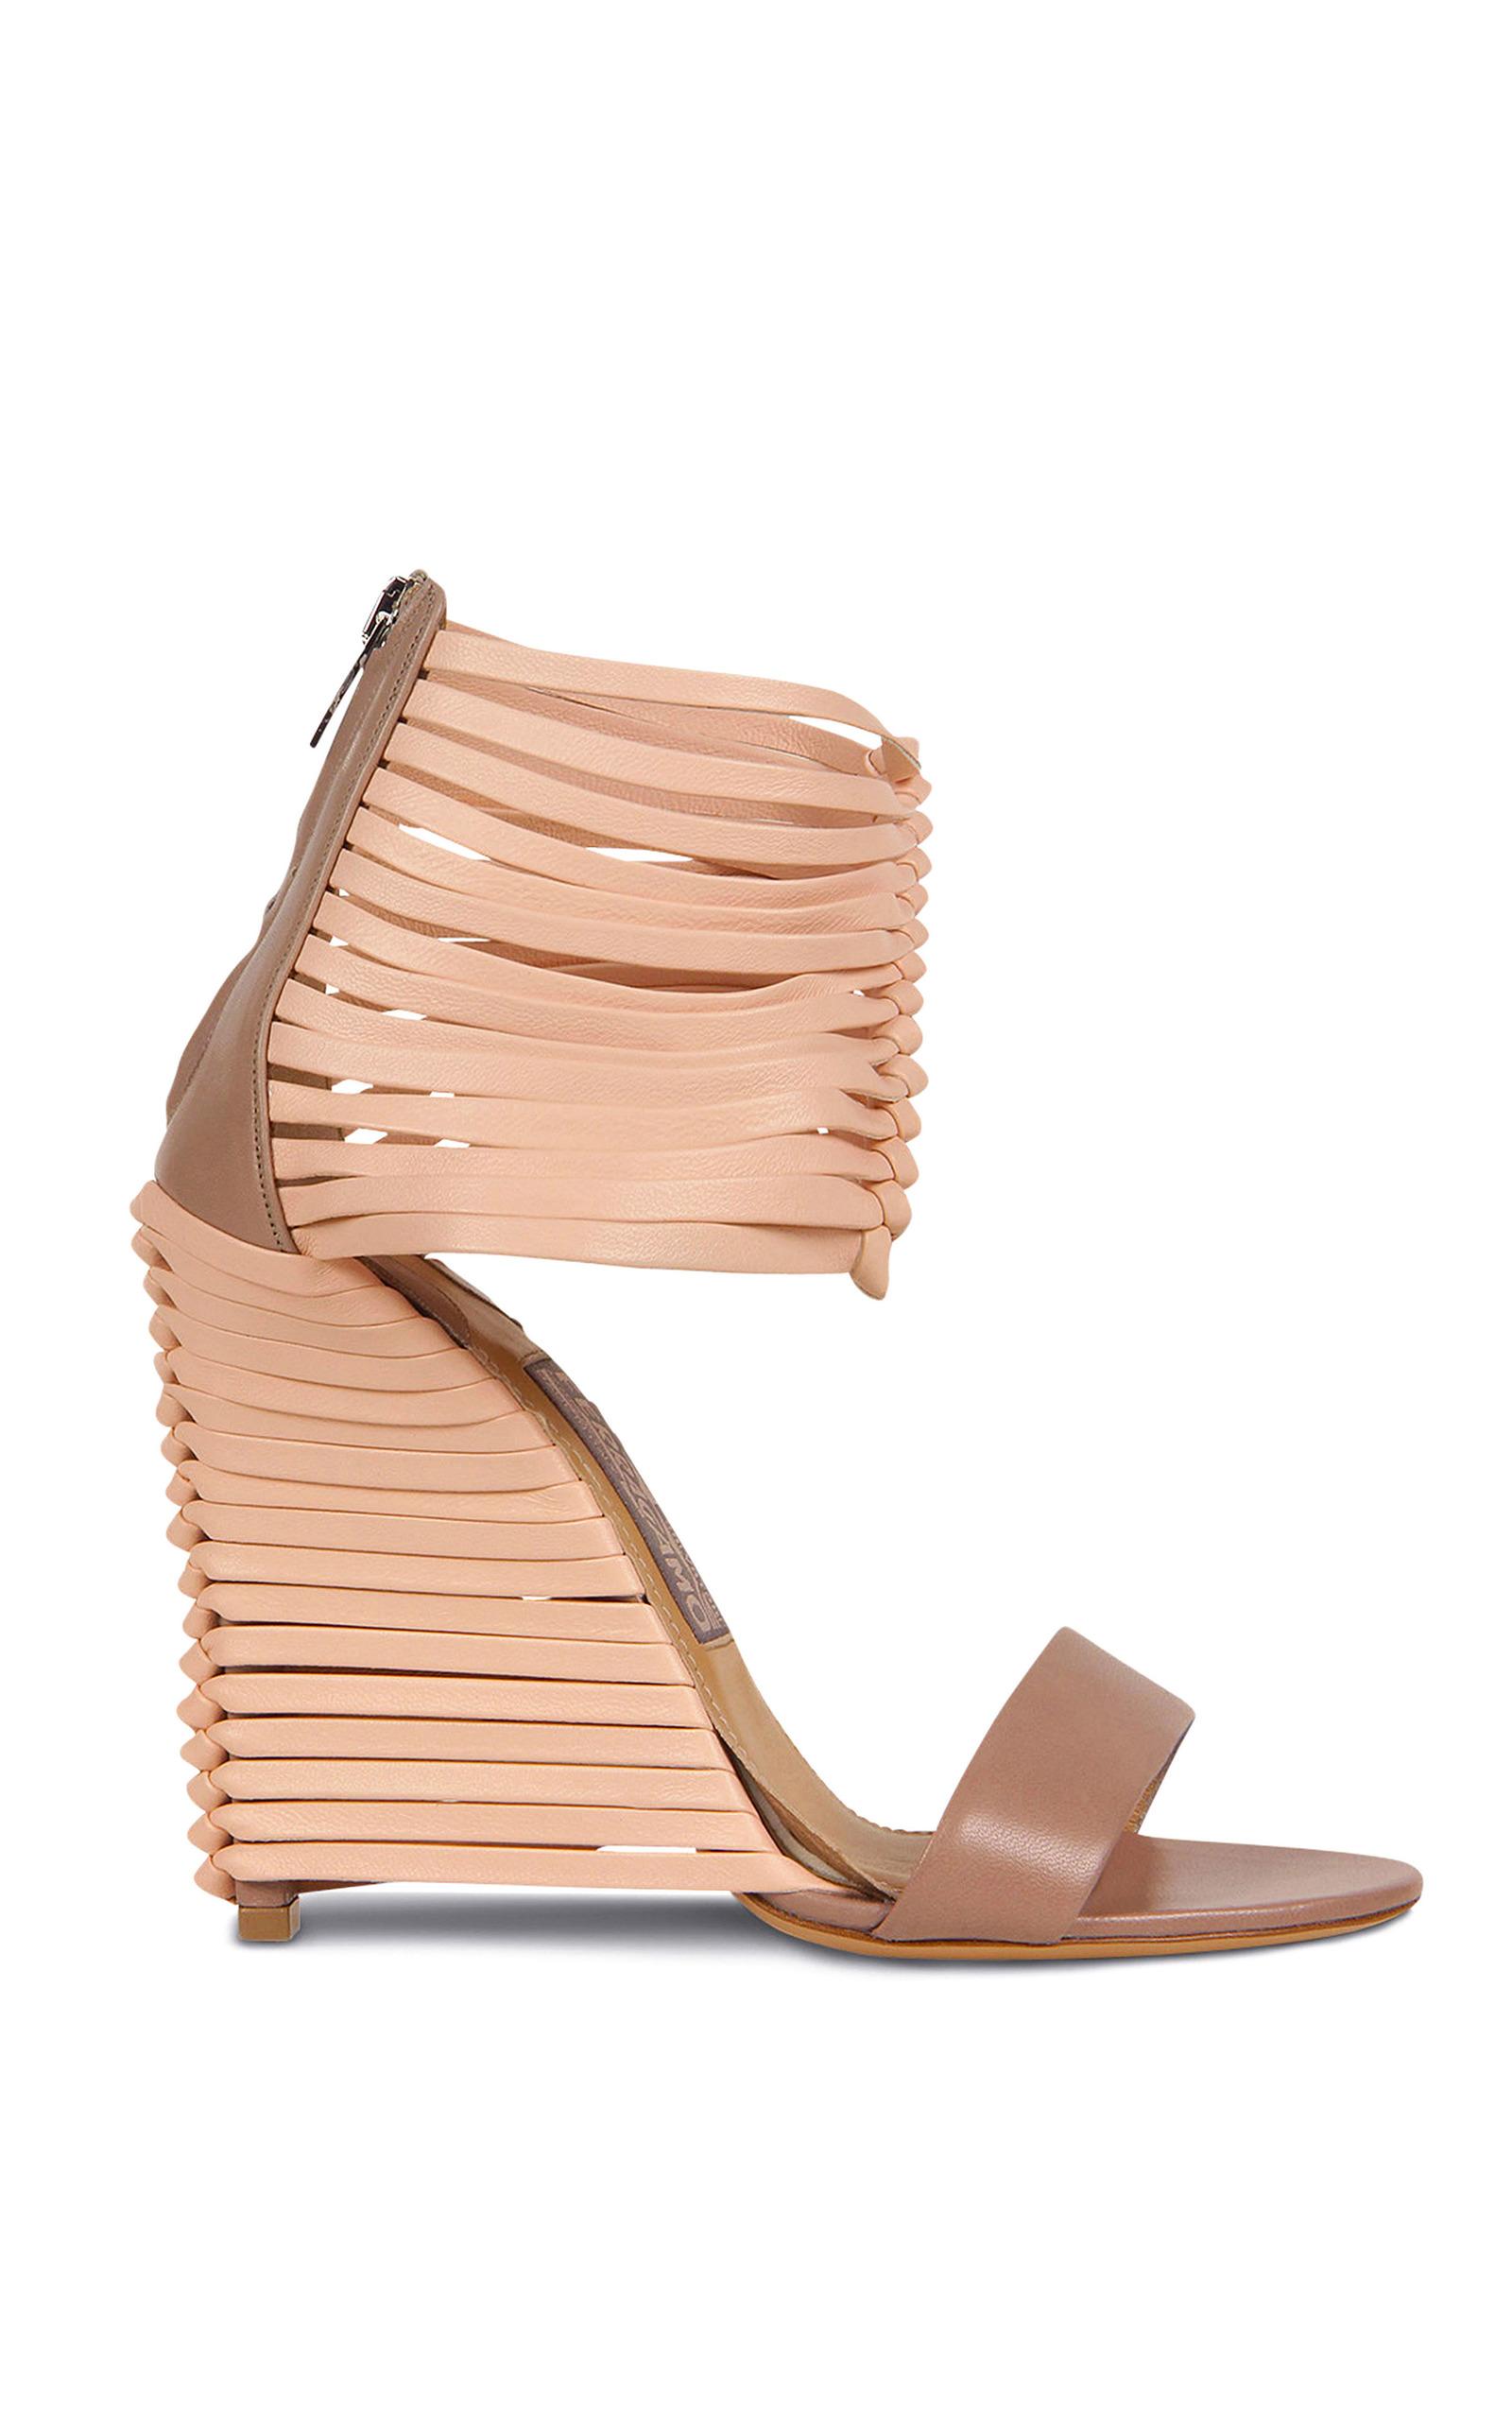 b7a57571ca23 Pulcket Sandal In Beige Quartz by Salvatore Ferragamo